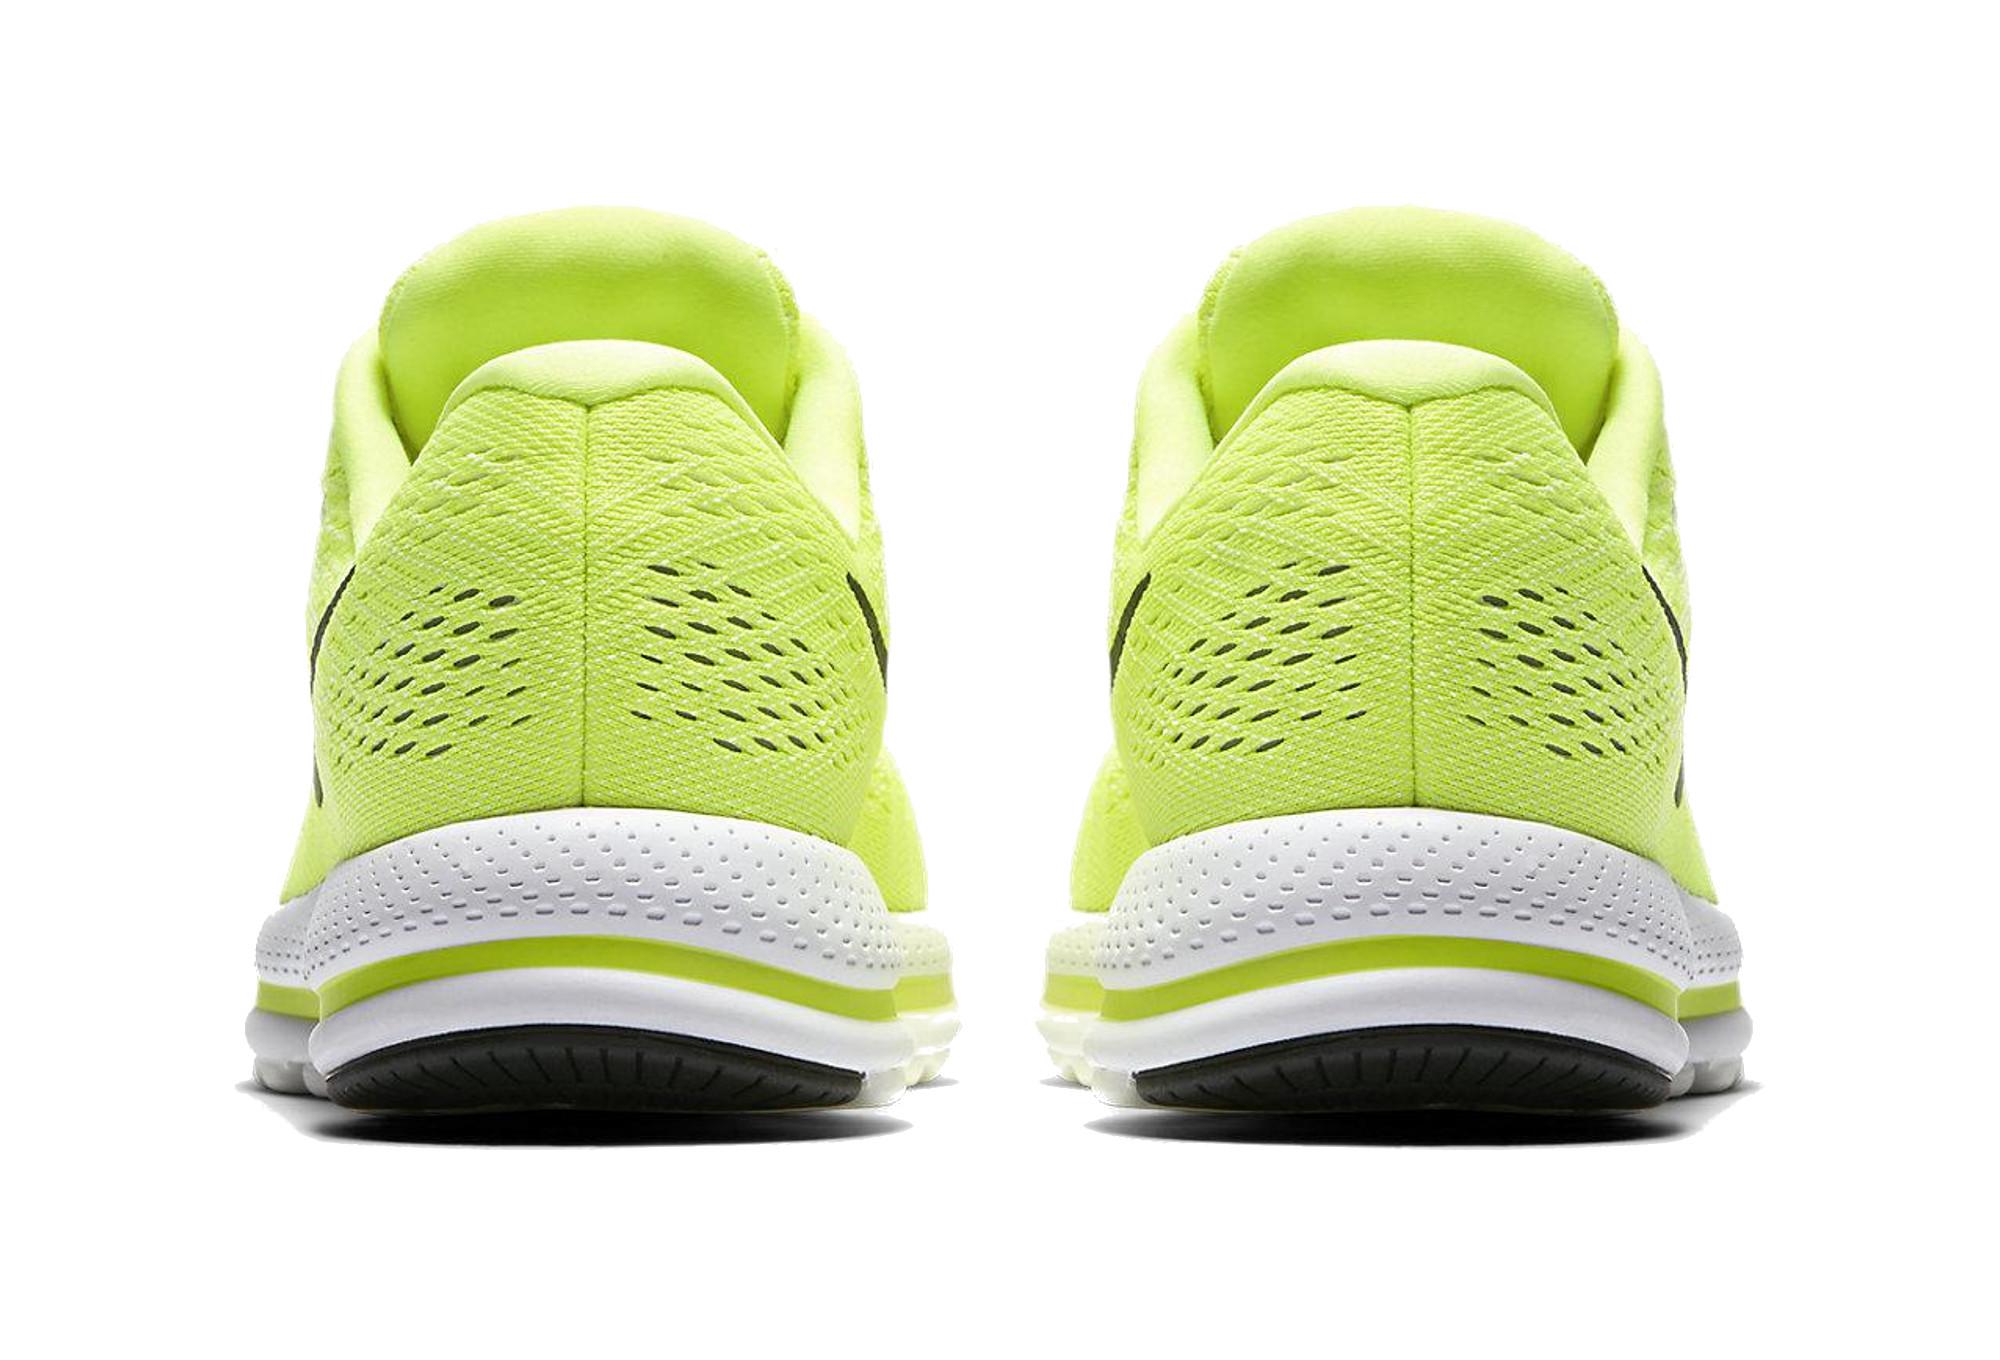 best website c4d24 dd8ee Chaussures de Running Nike AIR ZOOM VOMERO 12 Jaune   Blanc